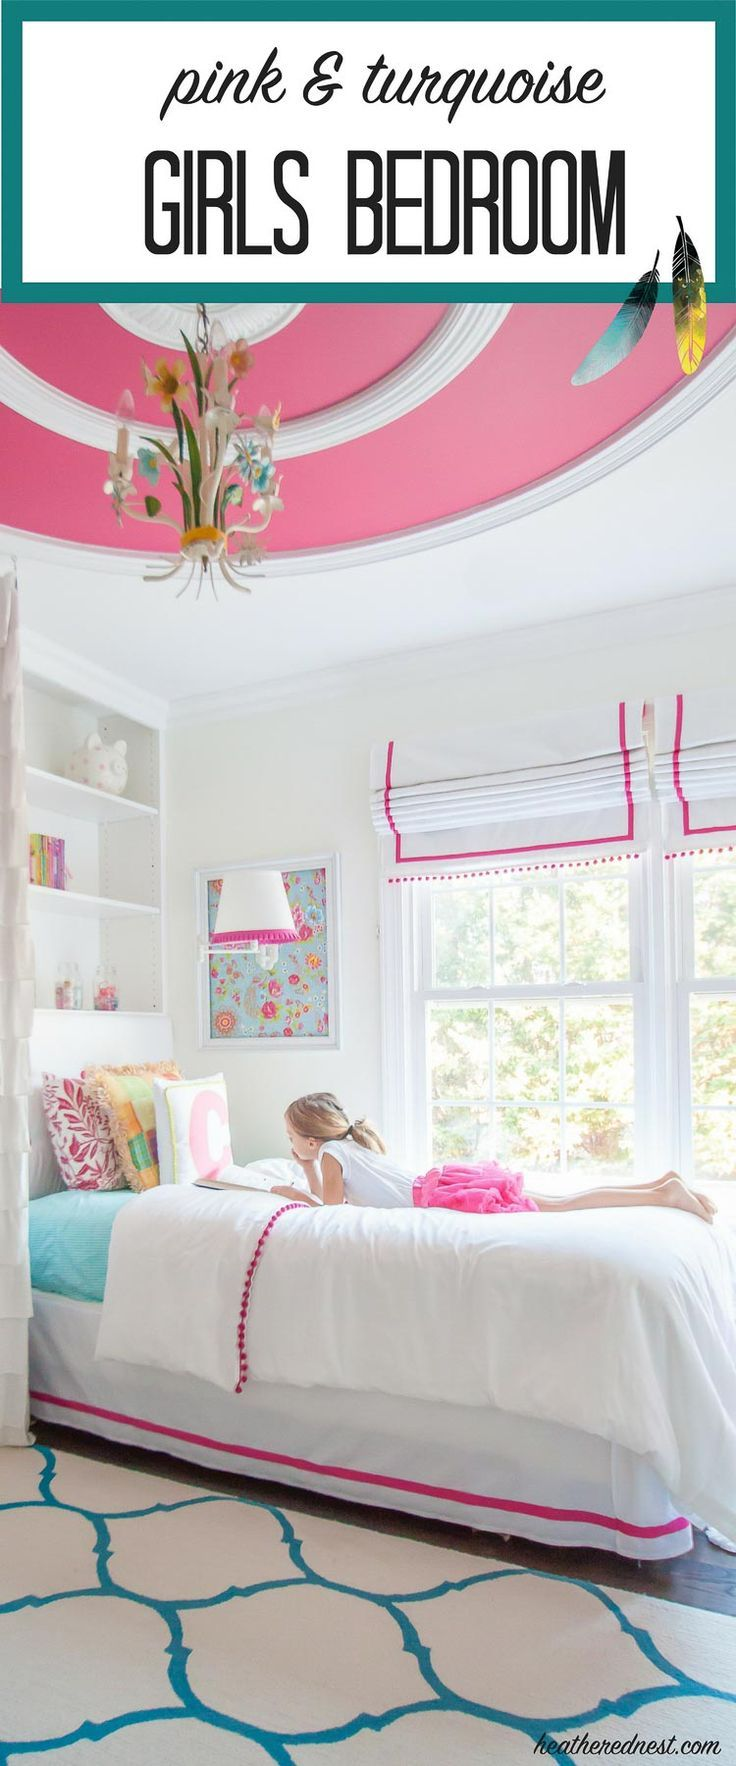 178 best for the girls images on pinterest | bedroom ideas, girls